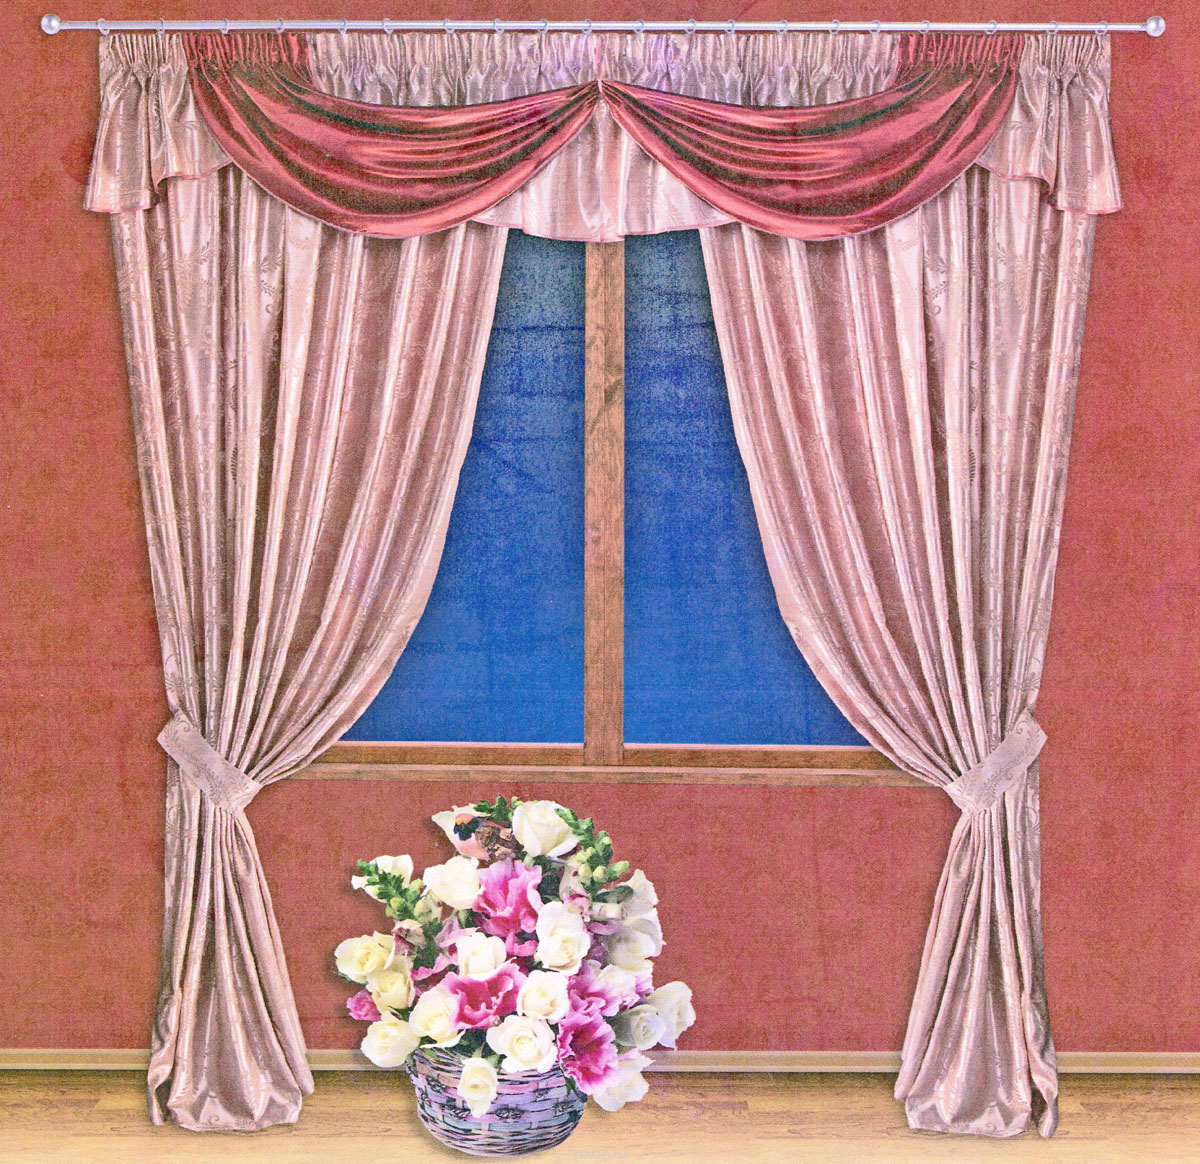 Комплект штор Zlata Korunka, на ленте, цвет: красный, бледно-розовый, высота 250 см. 55512SVC-300Роскошный комплект штор Zlata Korunka, выполненный из ткани шанзализе, сатина и жаккарда (100% полиэстера), великолепно украсит любое окно. Комплект состоит из двух портьер, ламбрекена и двух подхватов. Плотная ткань, оригинальный орнамент и приятная, приглушенная гамма привлекут к себе внимание и органично впишутся в интерьер помещения. Комплект крепится на карниз при помощи шторной ленты, которая поможет красиво и равномерно задрапировать верх. Портьеры можно зафиксировать в одном положении с помощью двух подхватов. Этот комплект будет долгое время радовать вас и вашу семью! В комплект входит: Портьера: 2 шт. Размер (ШхВ): 200 см х 250 см. Ламбрекен: 1 шт. Размер (ШхВ): 450 см х 50 см.Подхват: 2 шт. Размер (ШхВ): 60 см х 10 см.